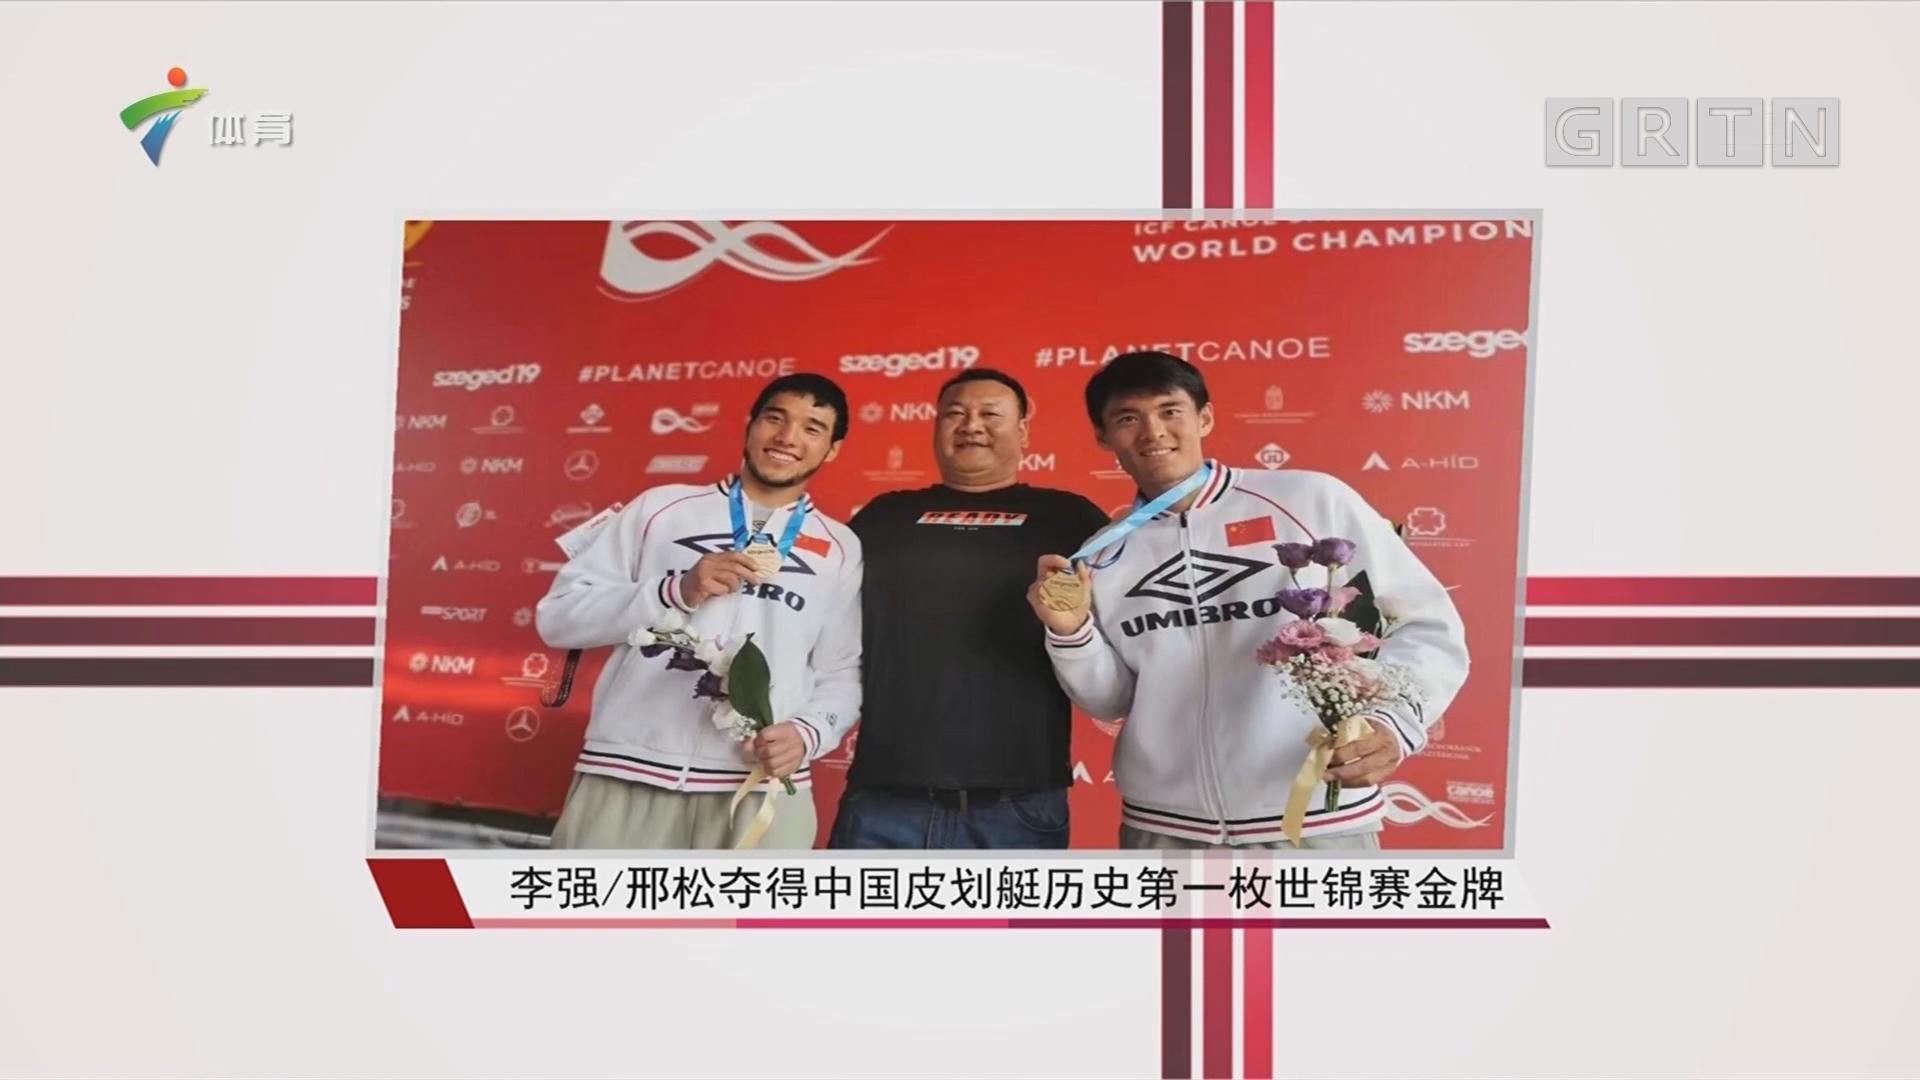 李强/邢松夺得中国皮划艇历史第一枚世锦赛金牌